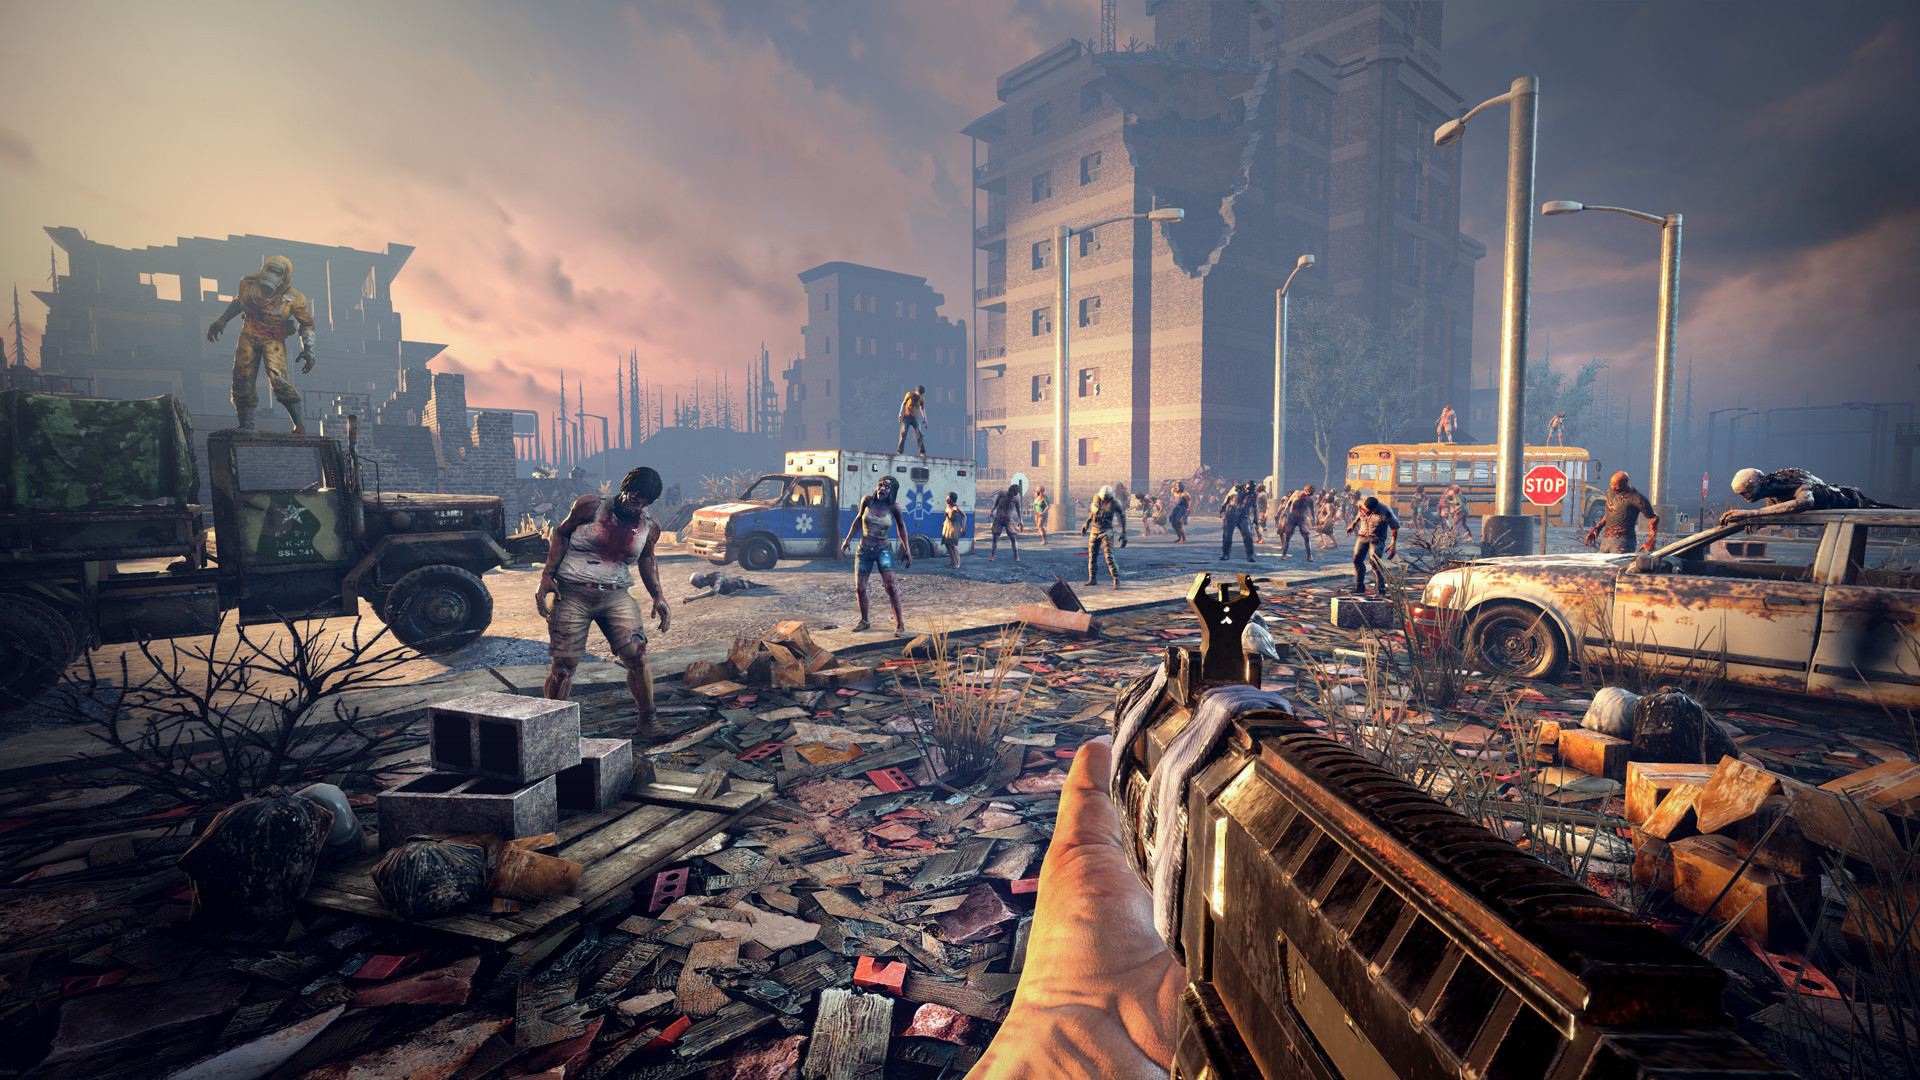 游戏《七日杀》在丧尸横行的末日废土中如何生存下去 (10)